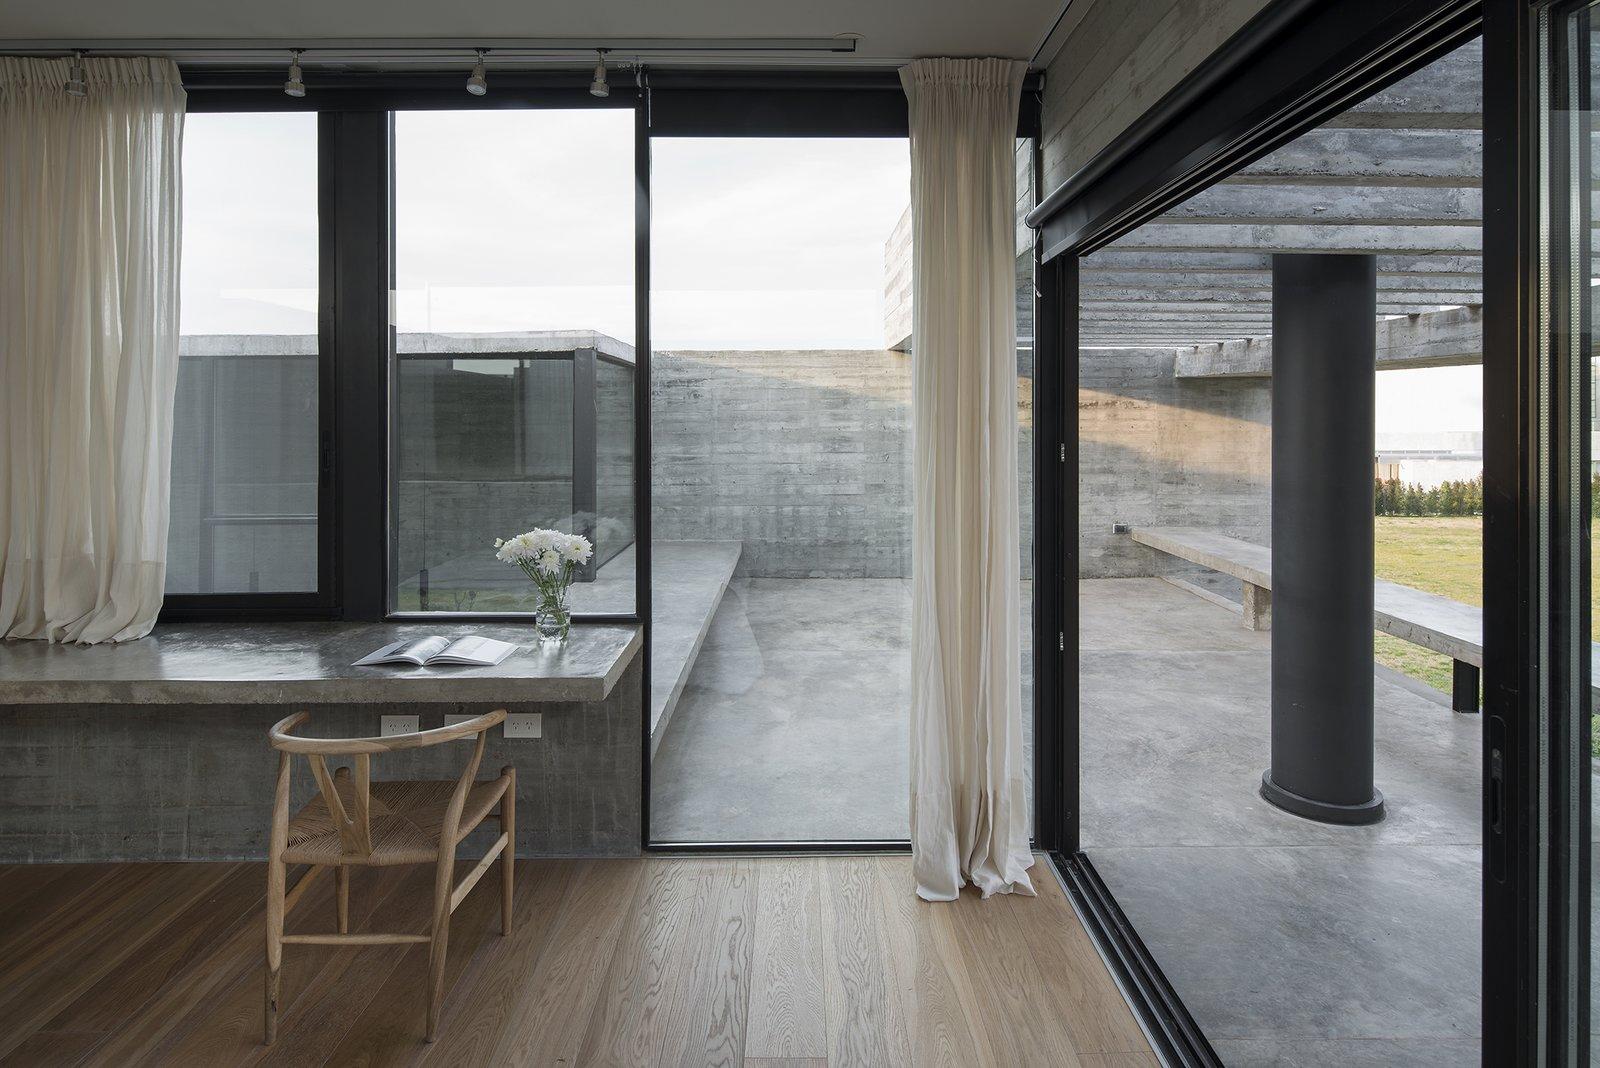 Bedroom, Medium Hardwood Floor, and Chair Castaños House by Arch. Ekaterina Kunzel & Arch. María Belén García Bottazzini  Castaños House